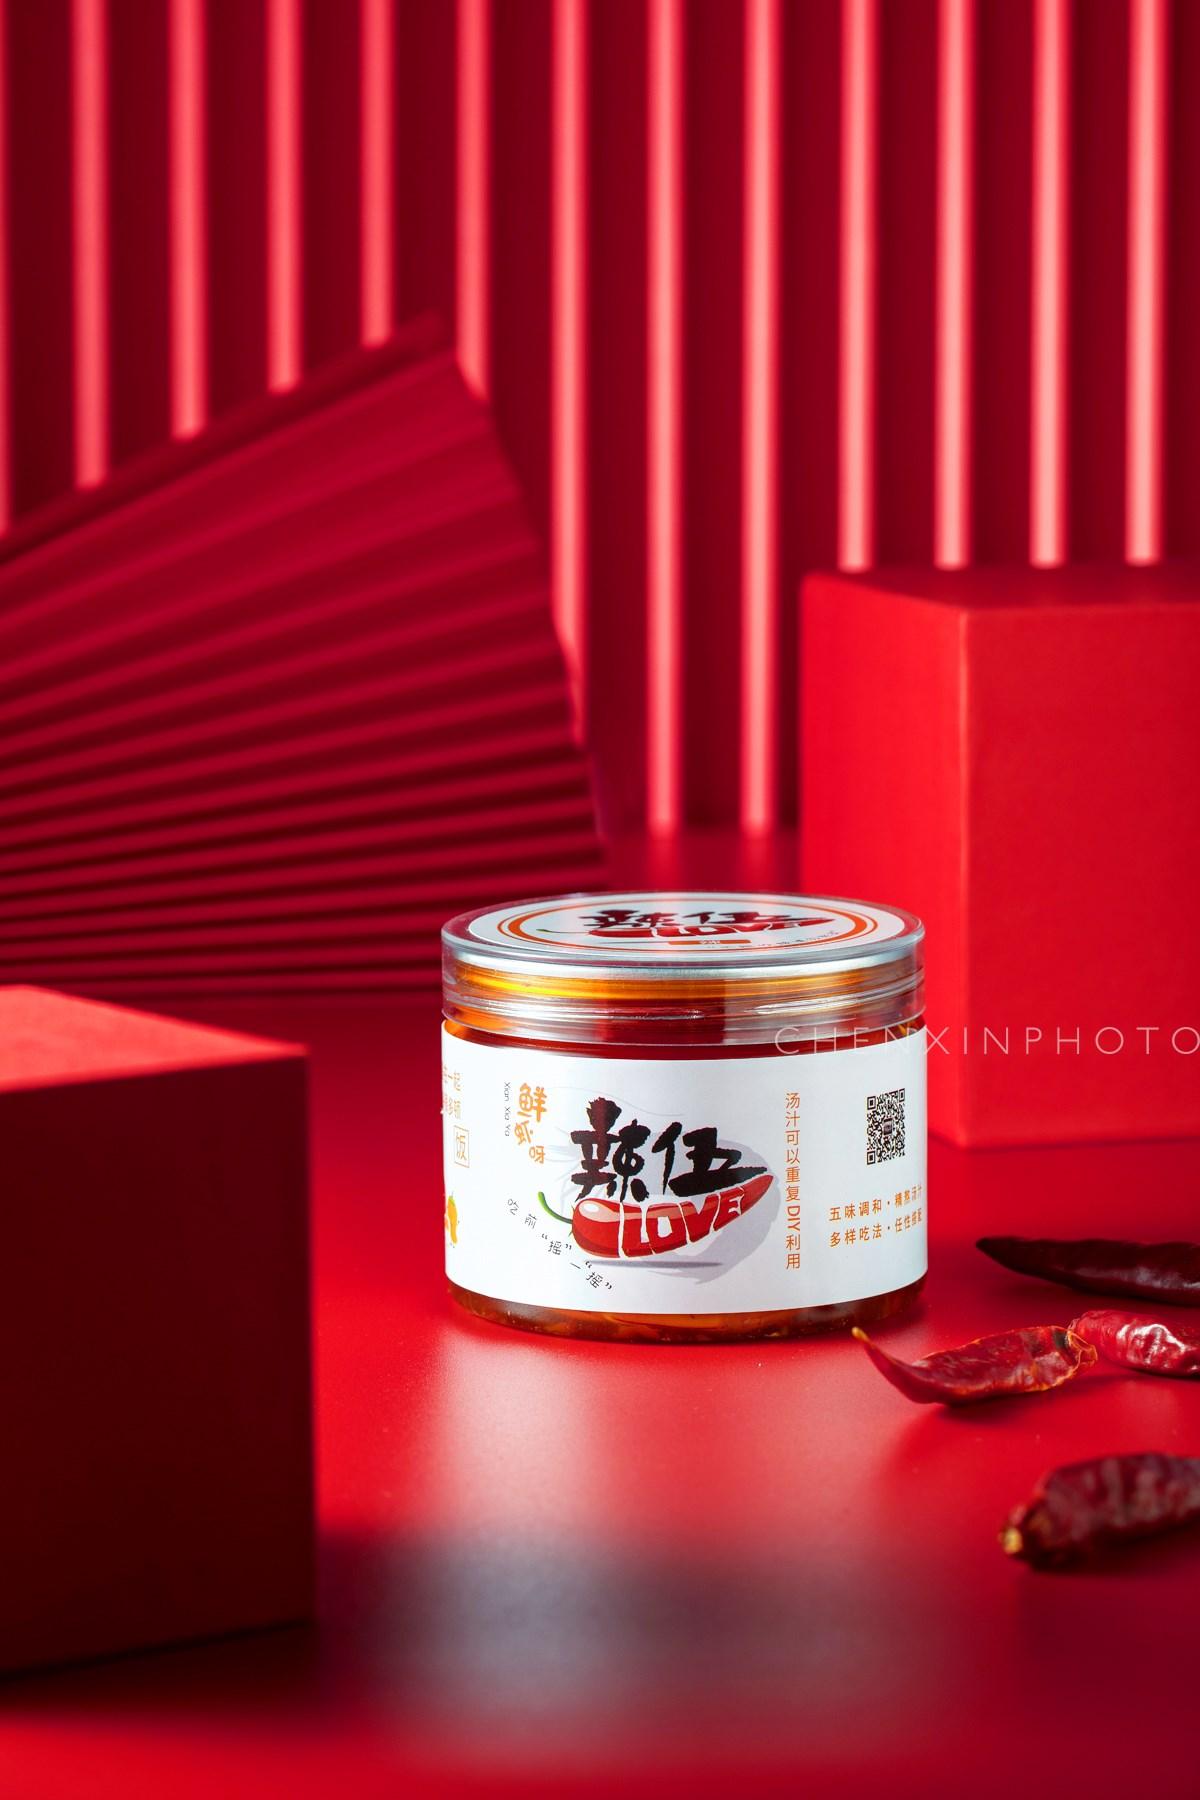 美食摄影/静物电商产品拍摄/创意广告